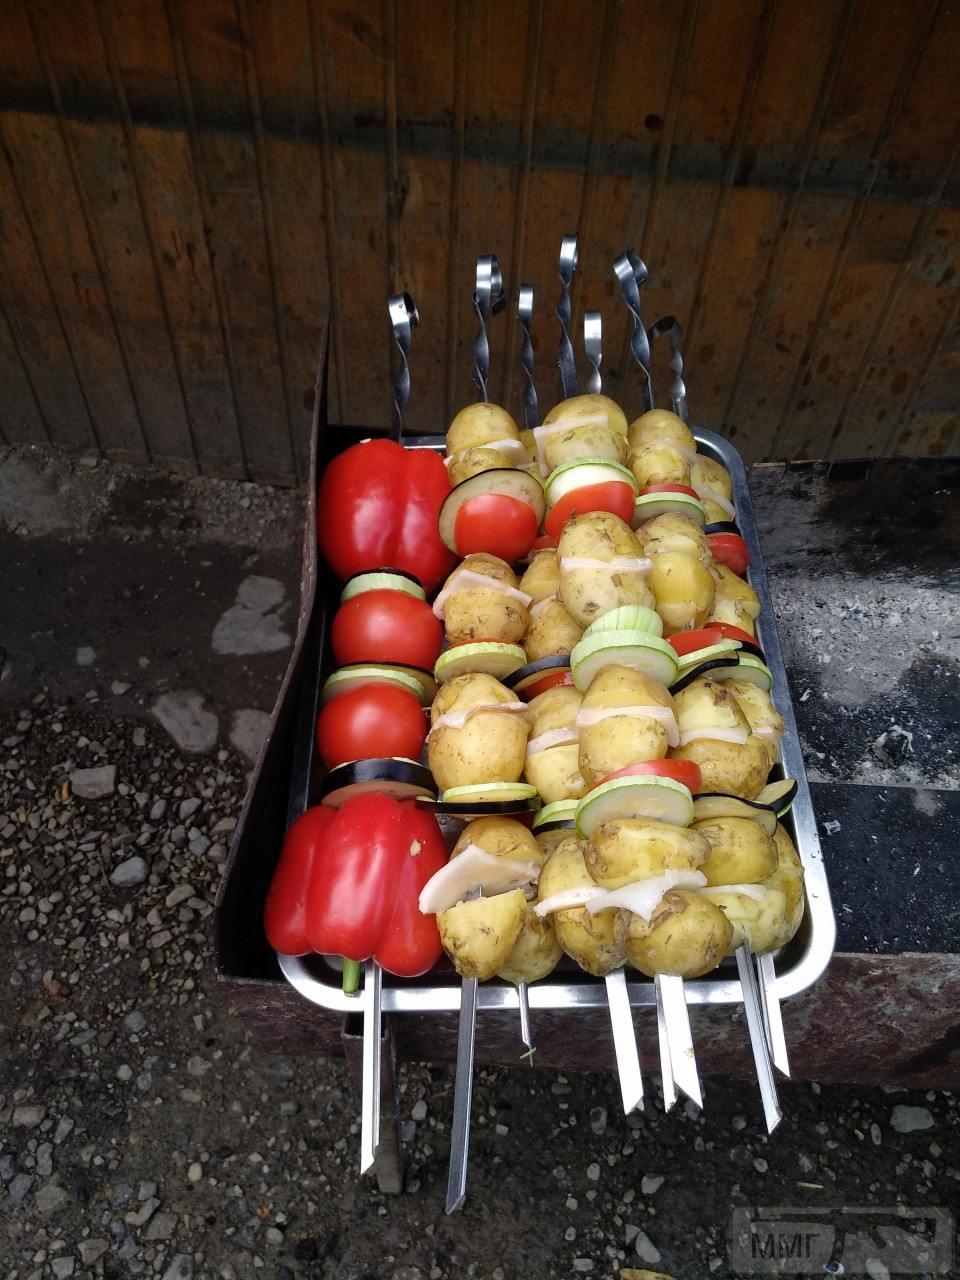 107220 - Закуски на огне (мангал, барбекю и т.д.) и кулинария вообще. Советы и рецепты.